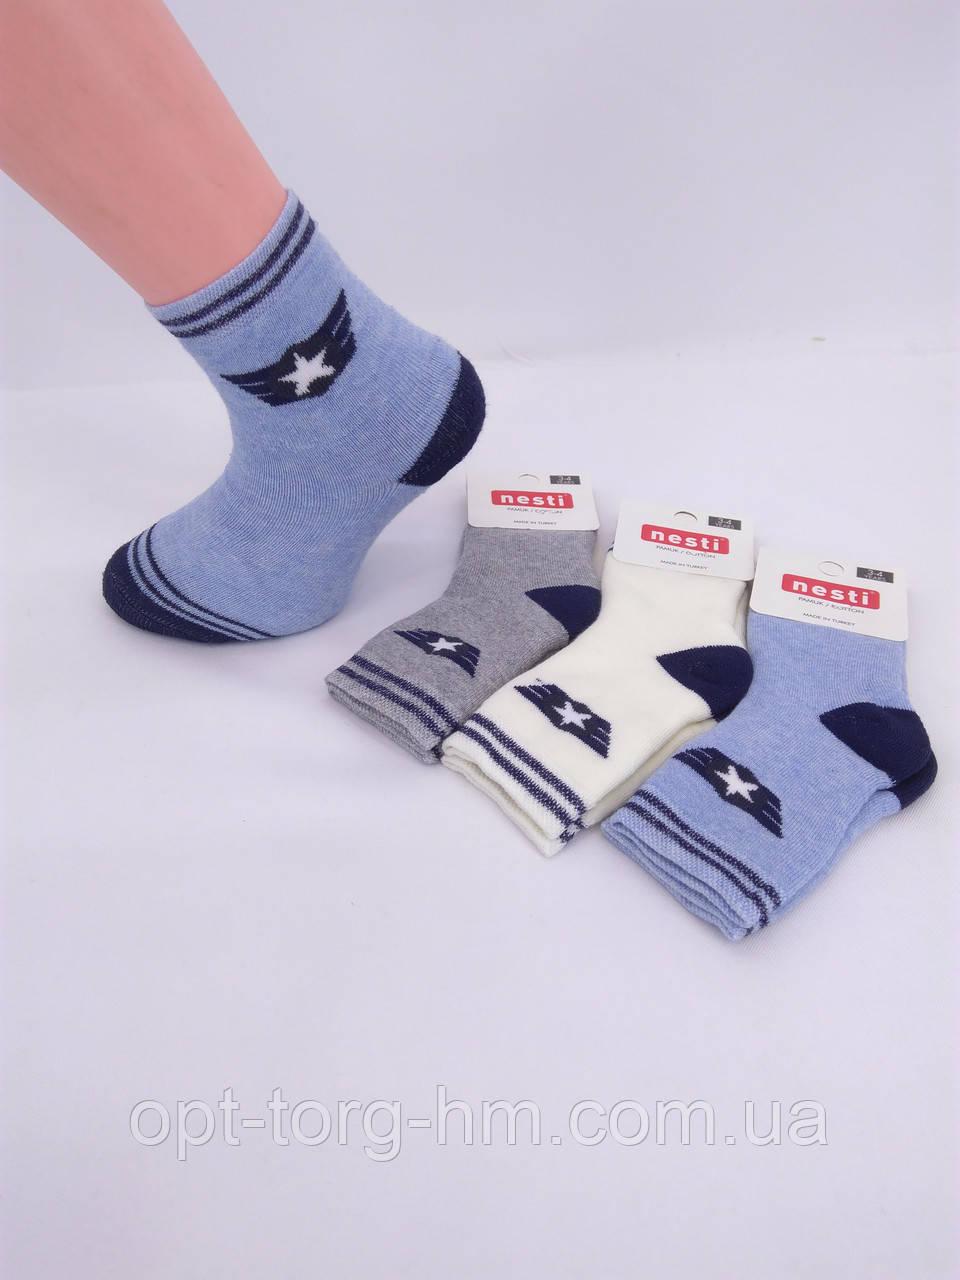 Дитячі махрові шкарпетки nesti( Туреччина) 0-1 року